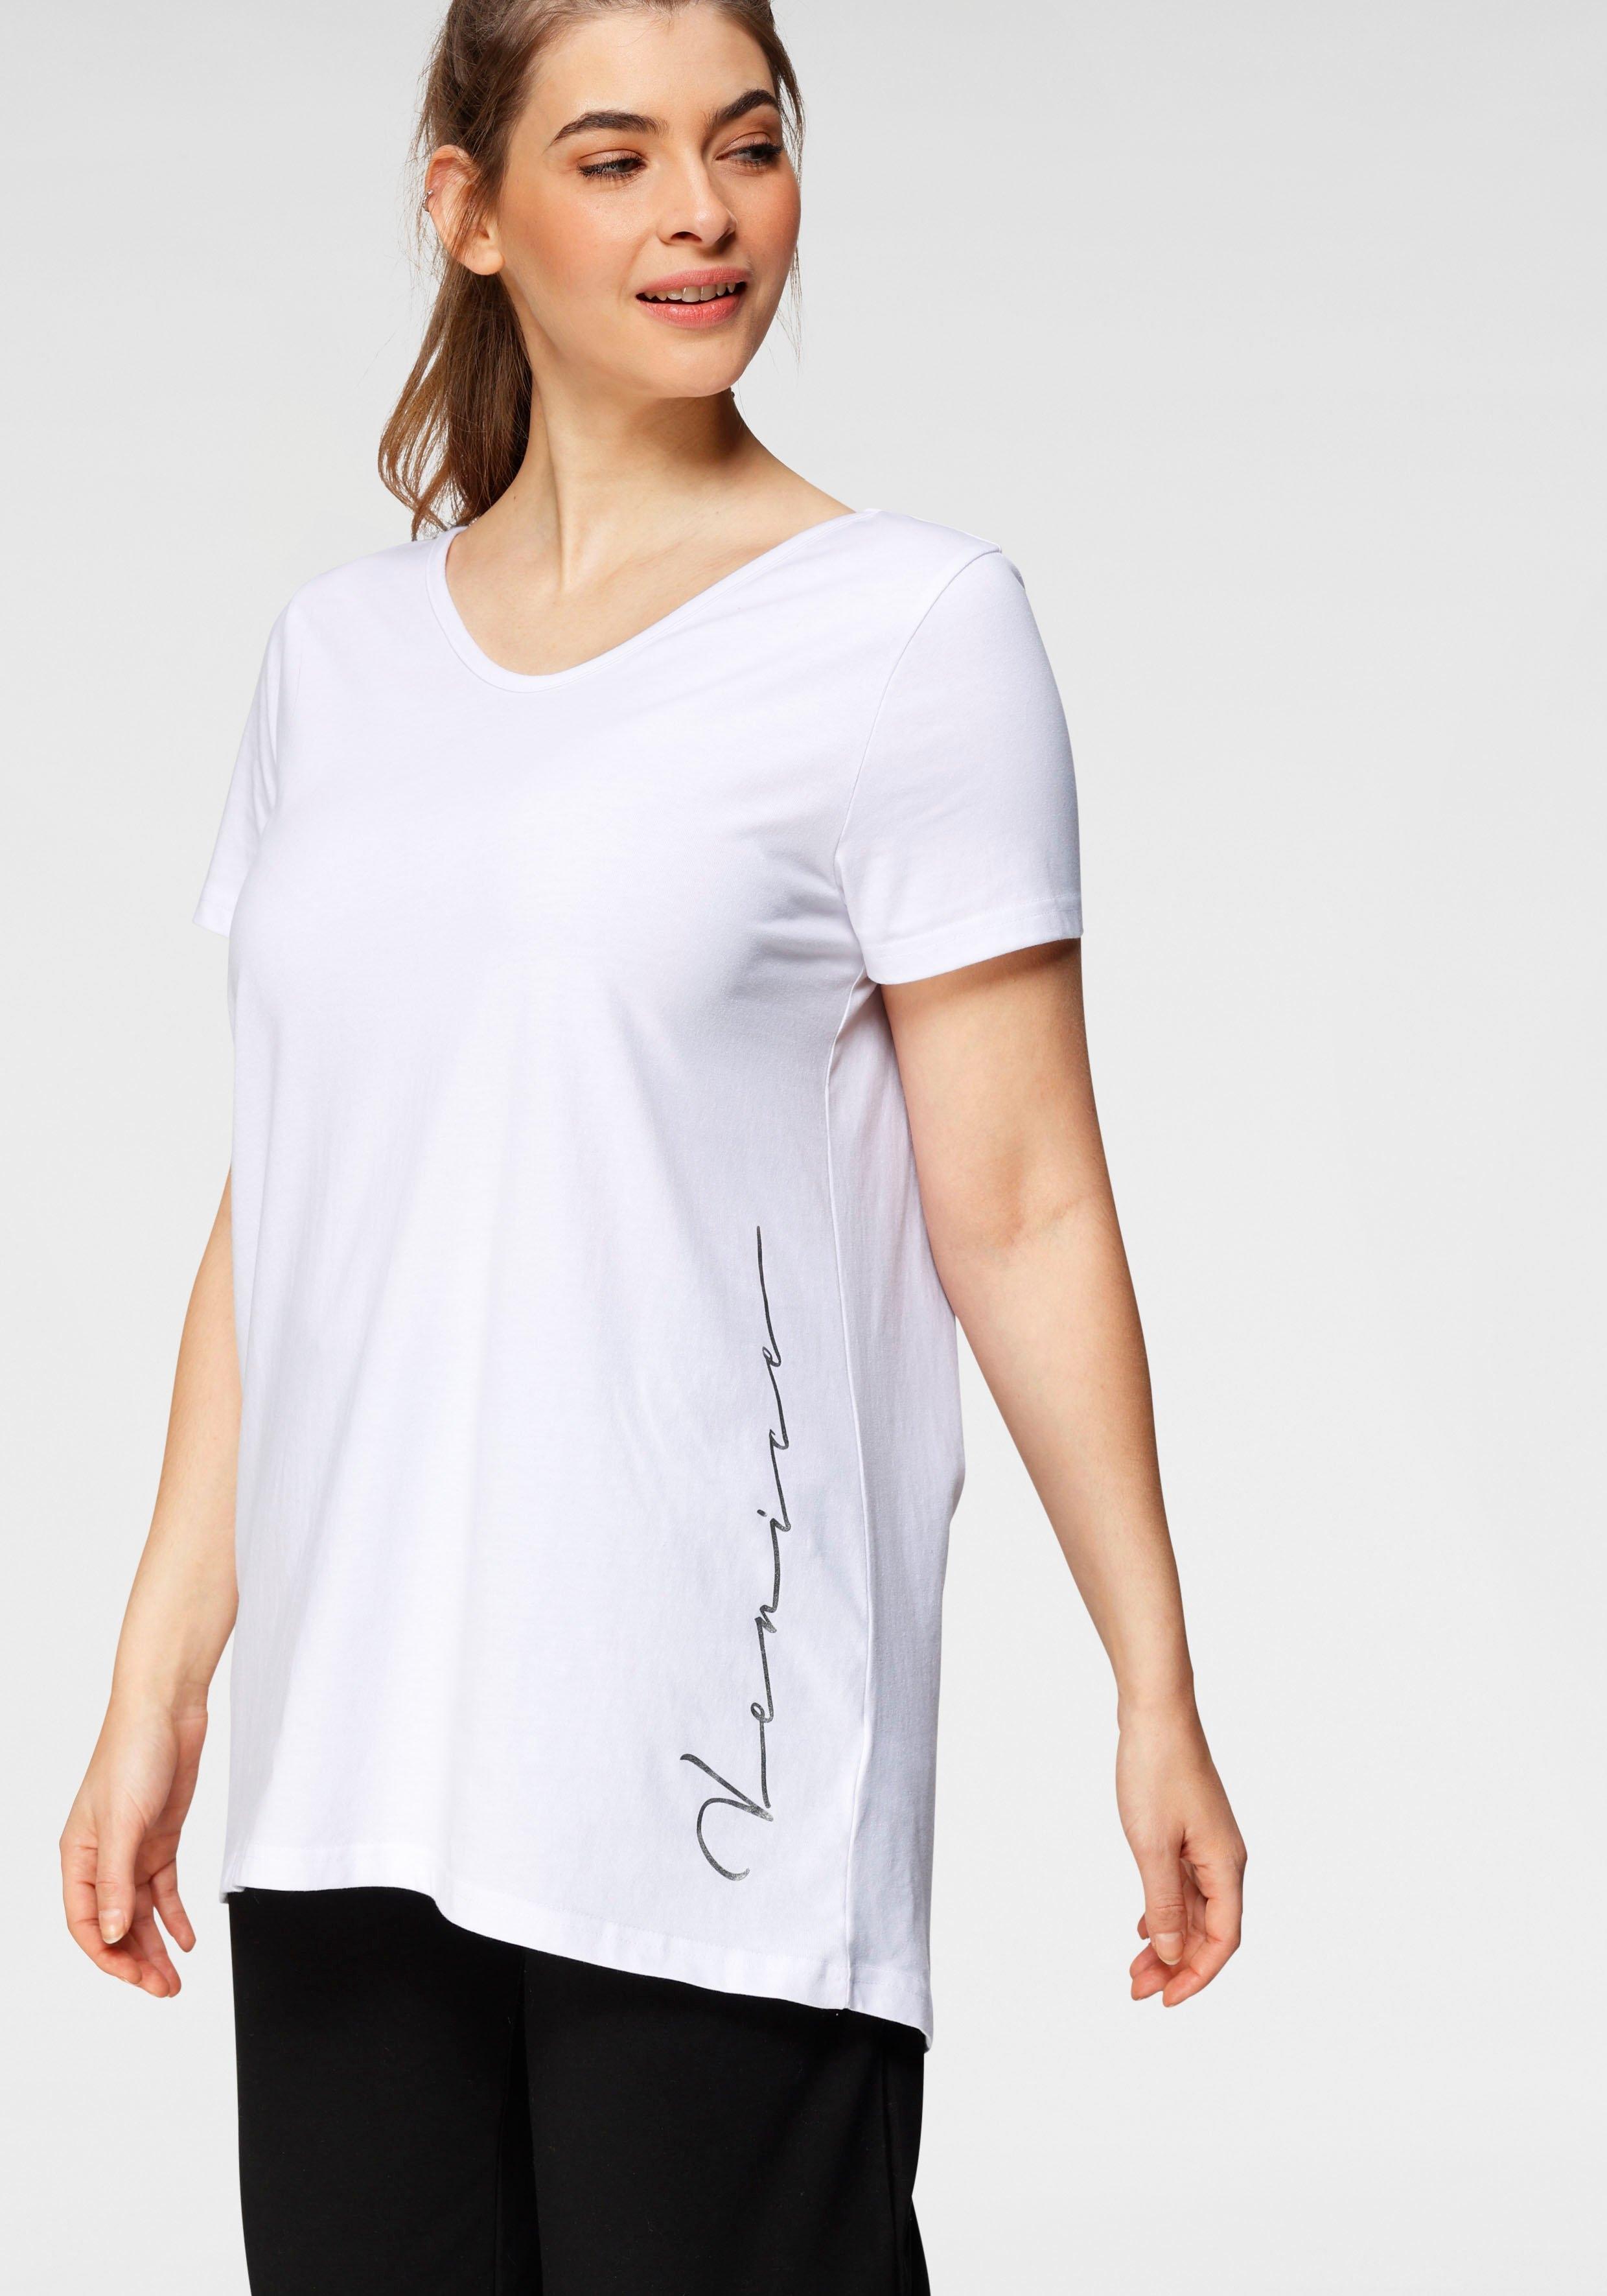 VENICE BEACH lang shirt - gratis ruilen op otto.nl